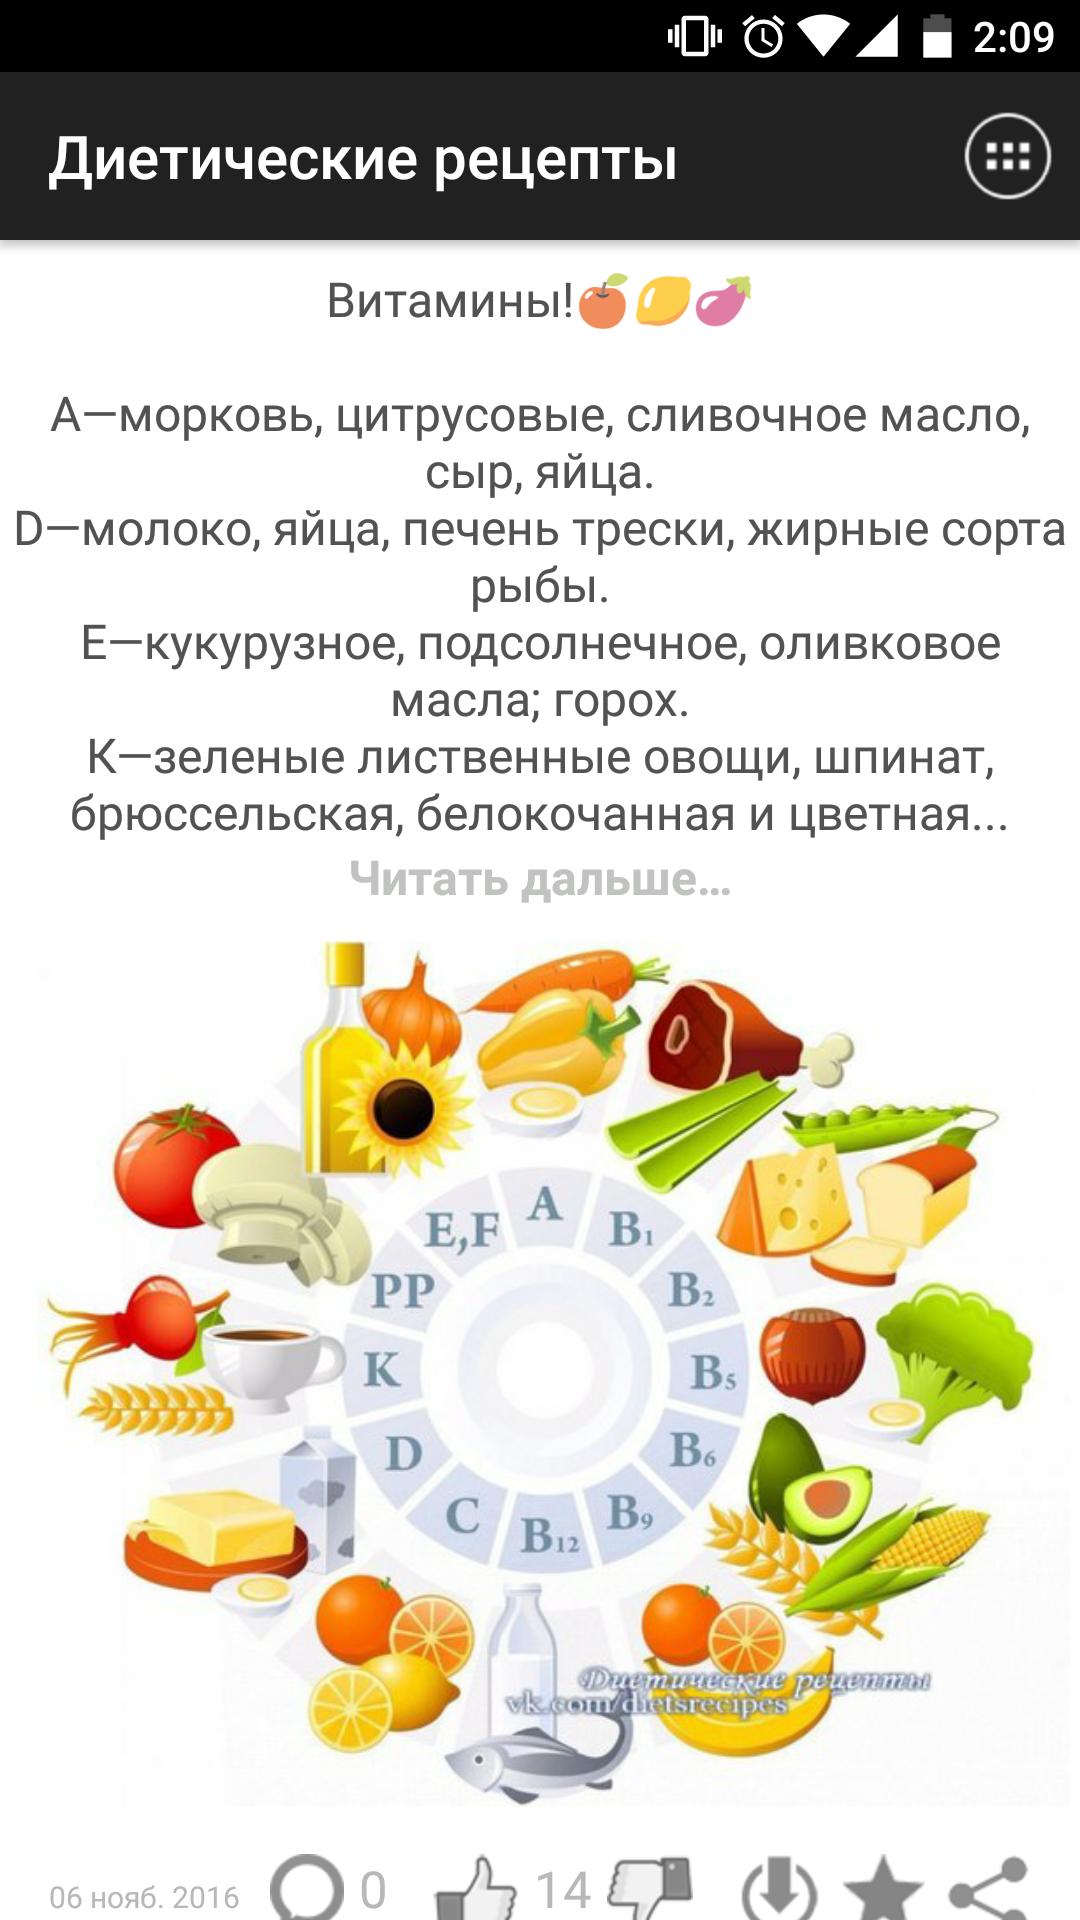 Диетические рецепты с указанием калорийности